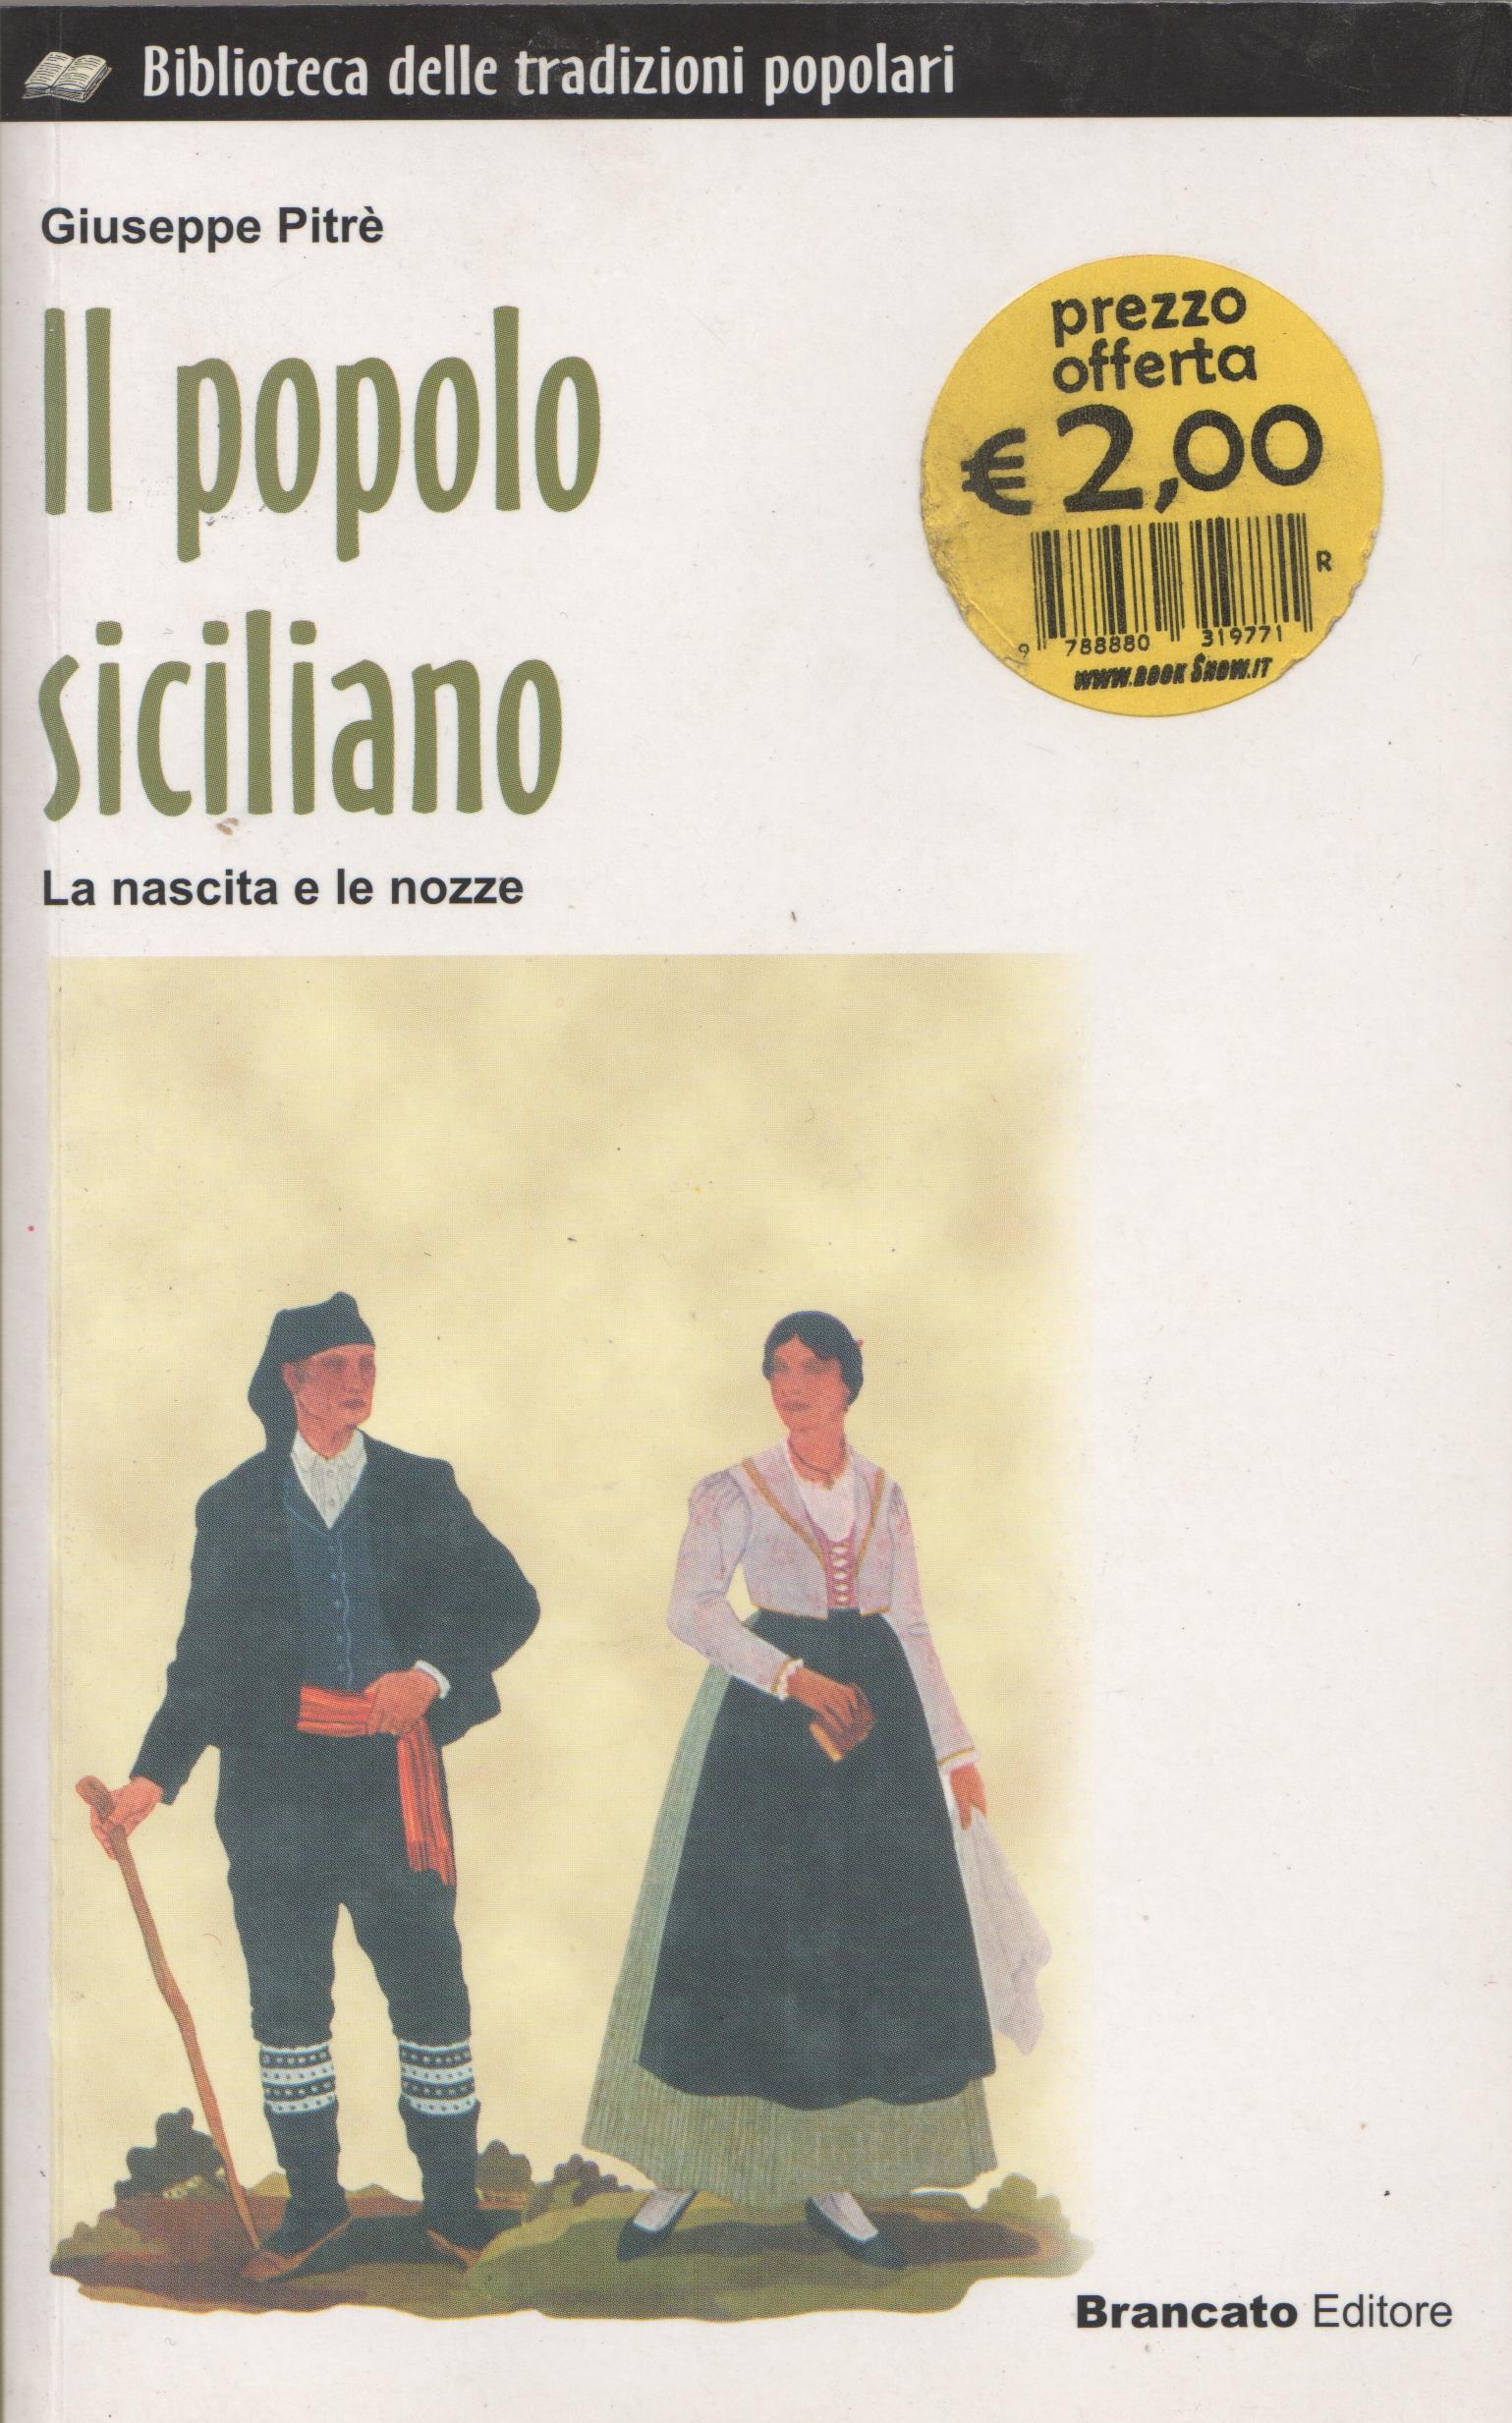 Il popolo siciliano